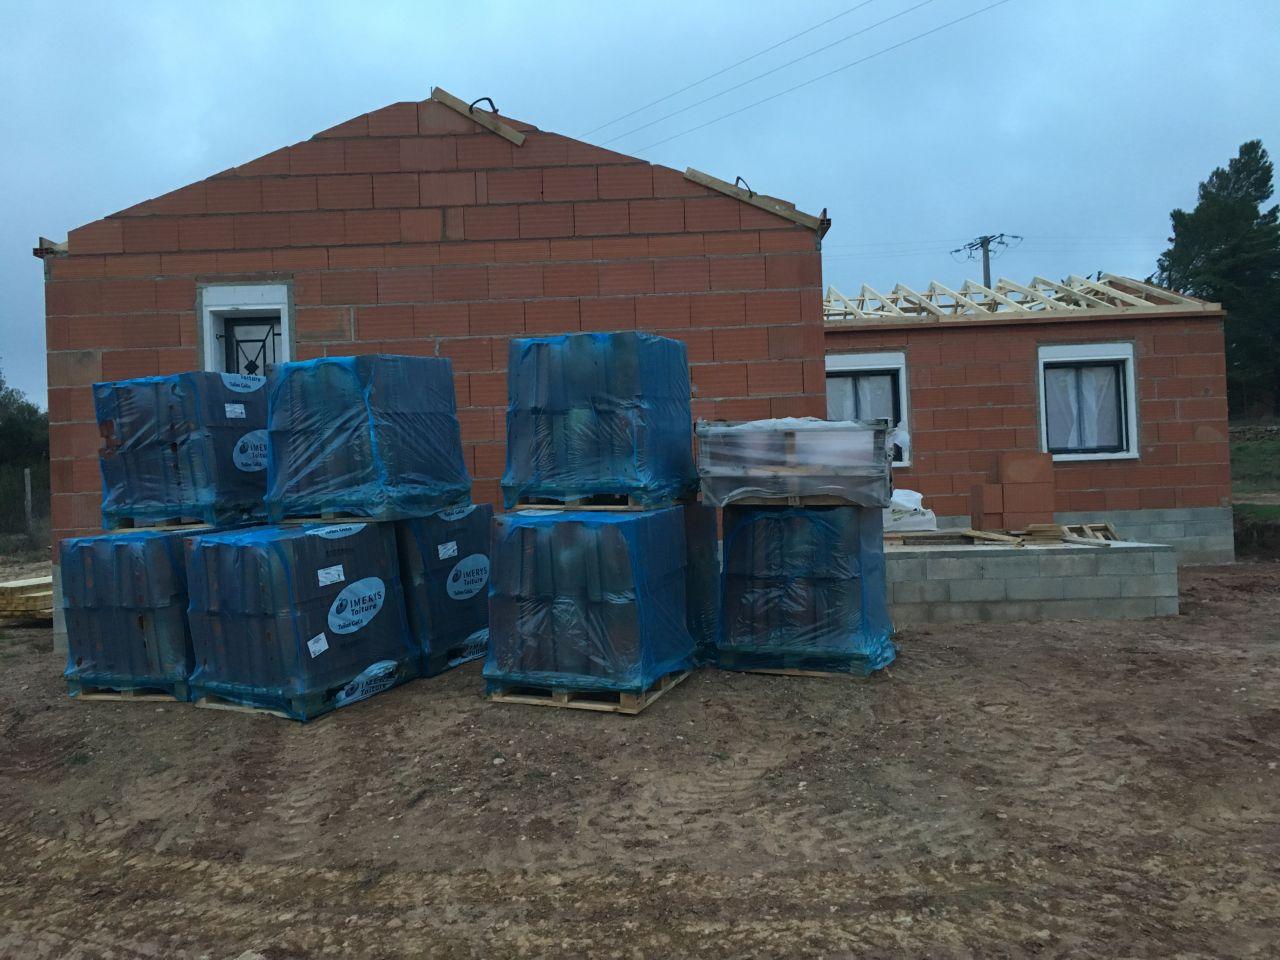 Livraison des tuiles. lors de la réunion de chantier de ce matin, on nous informe que la toiture va être posée pour la fin de semaine prochaine. <br /> Début de semaine : Pose de l'écran sous toiture et intervention du zingueur